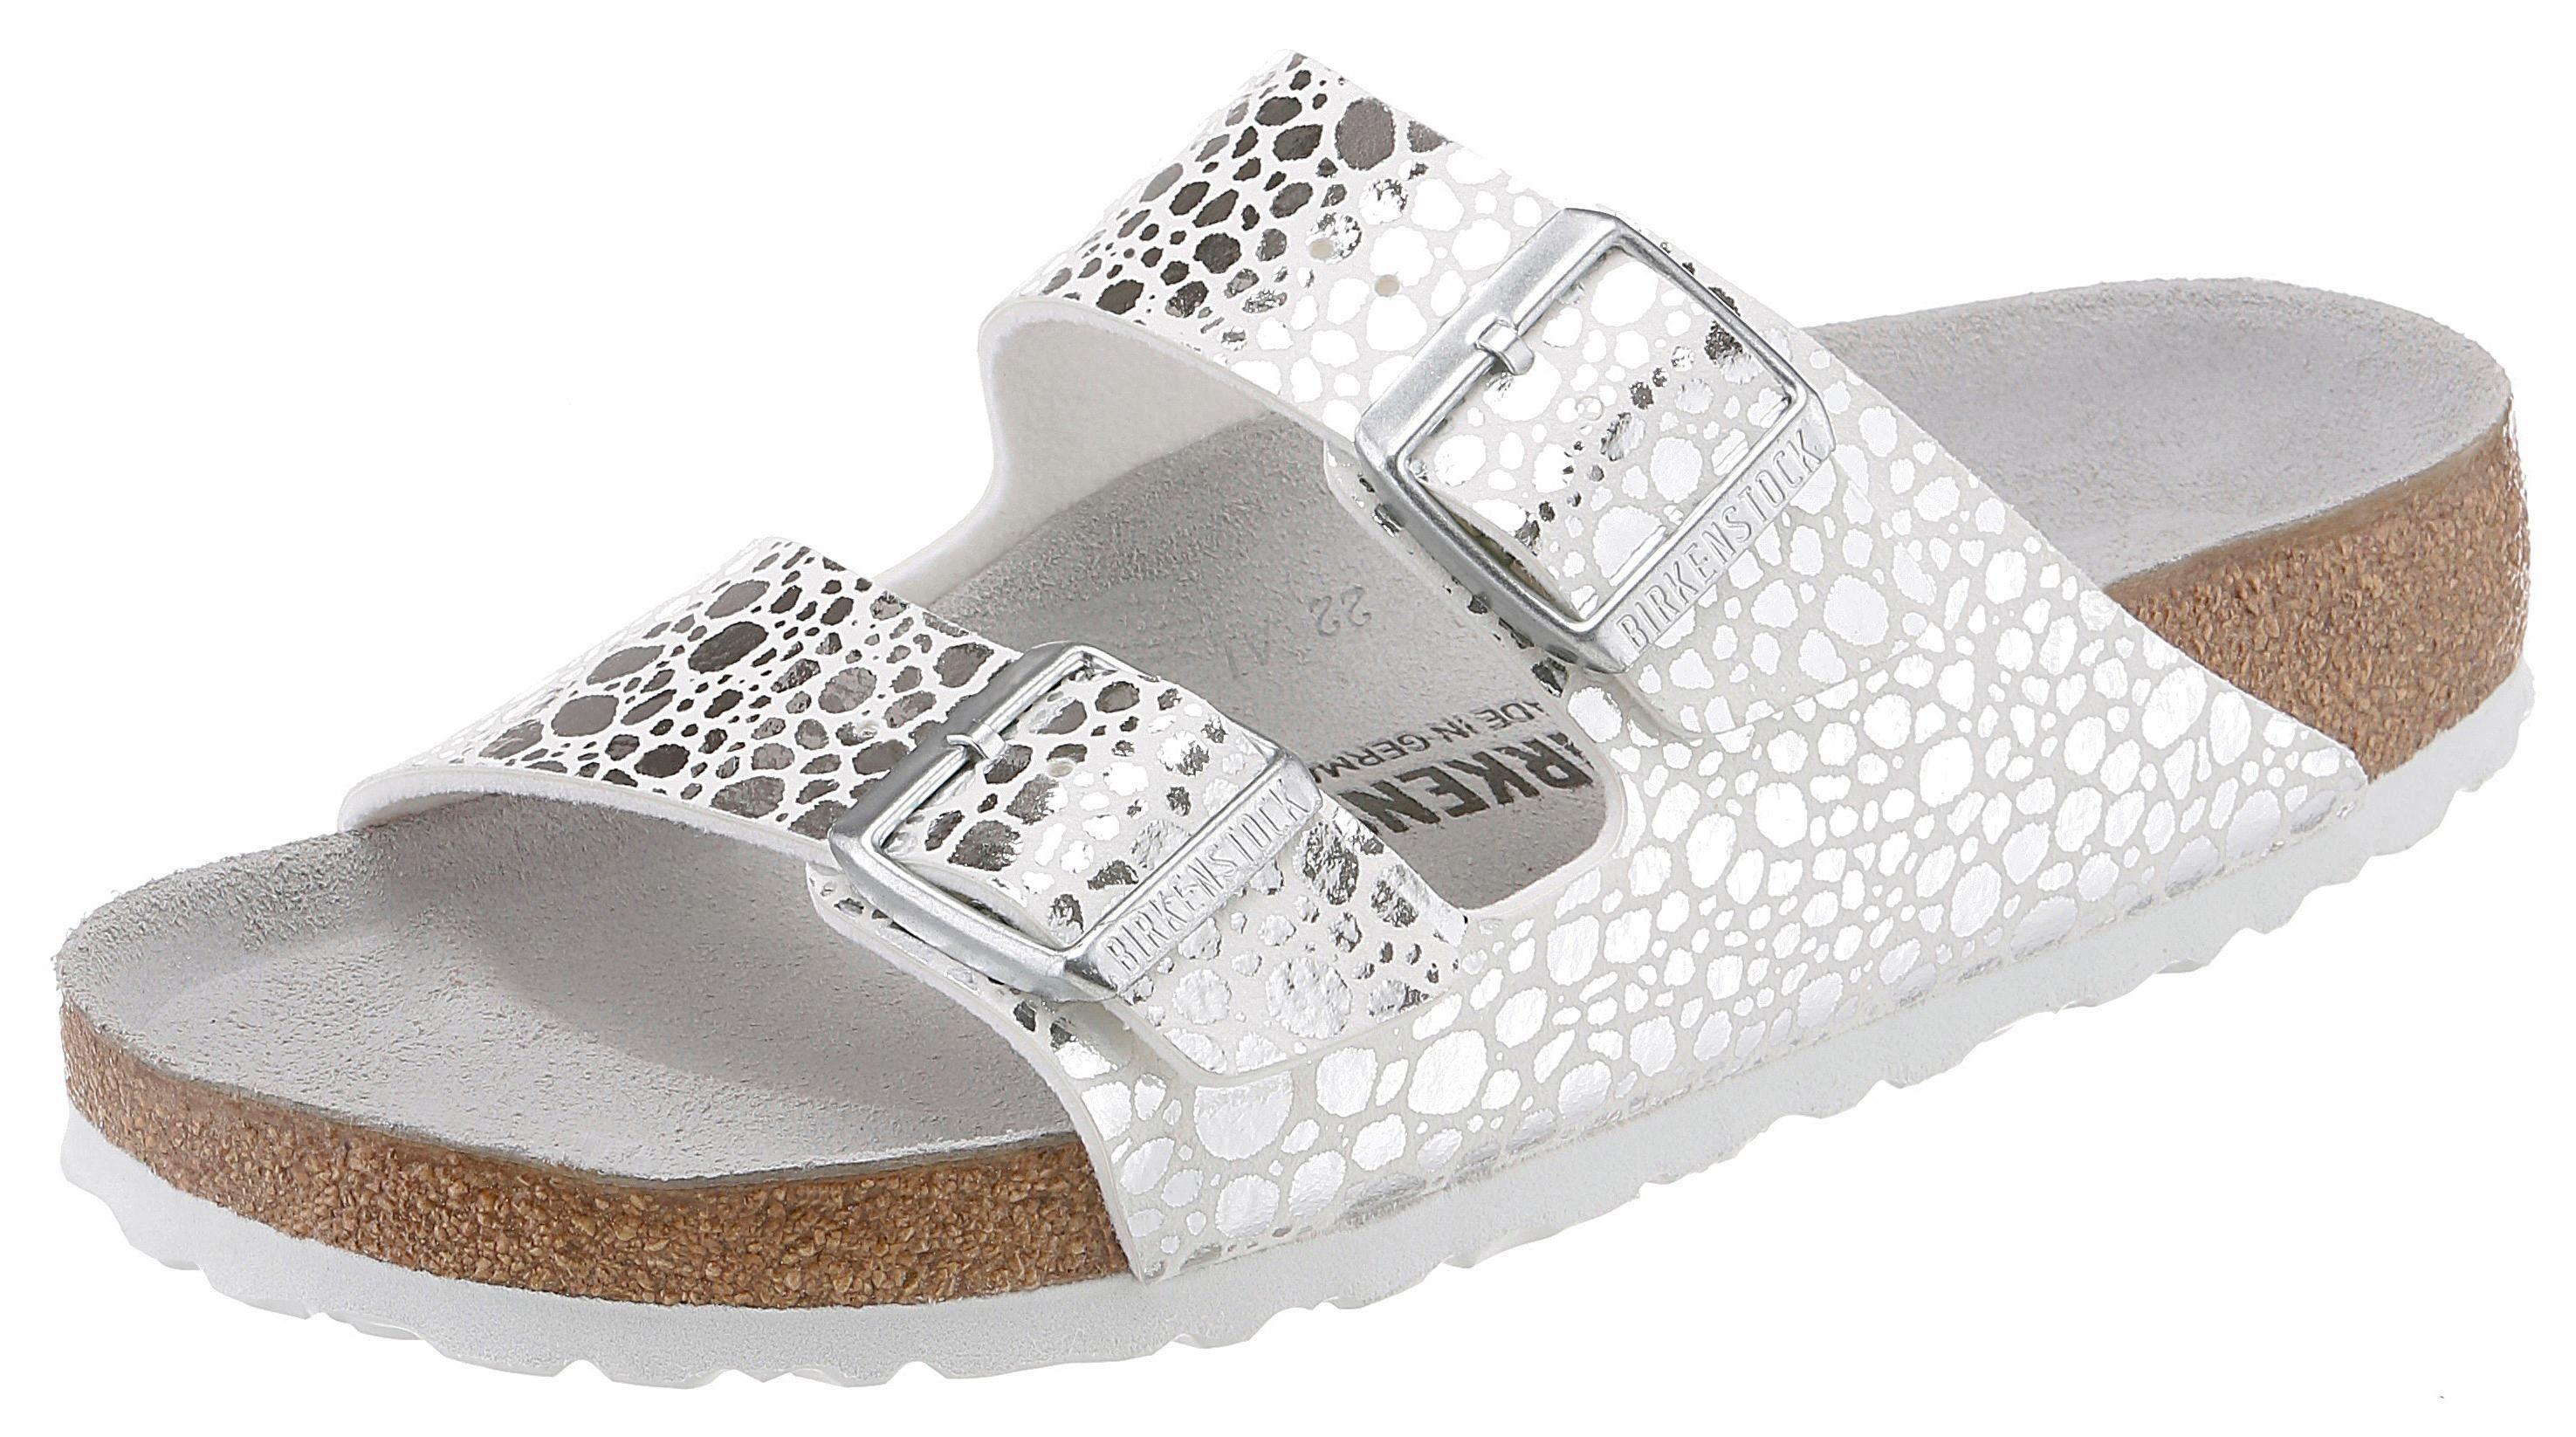 Birkenstock ARIZONA BS Metallic Pantolette, in glänzender Metallic-Optik und schmaler Schuhweite online kaufen  weiß-silberfarben